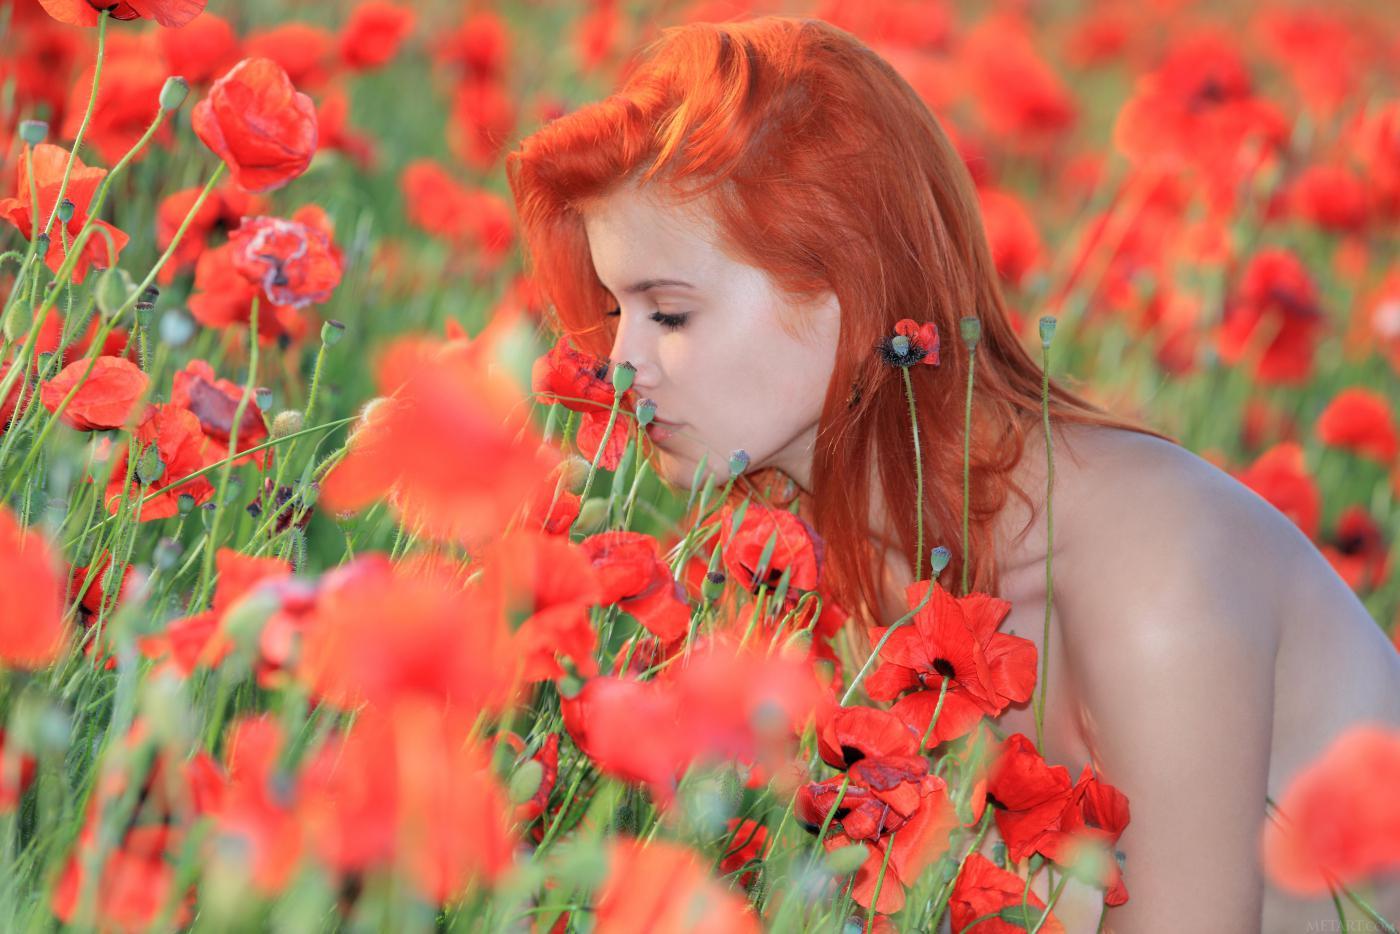 Красивое голое представление в исполнении рыжей лисички Violla A, которая проводит время на цветущем лугу